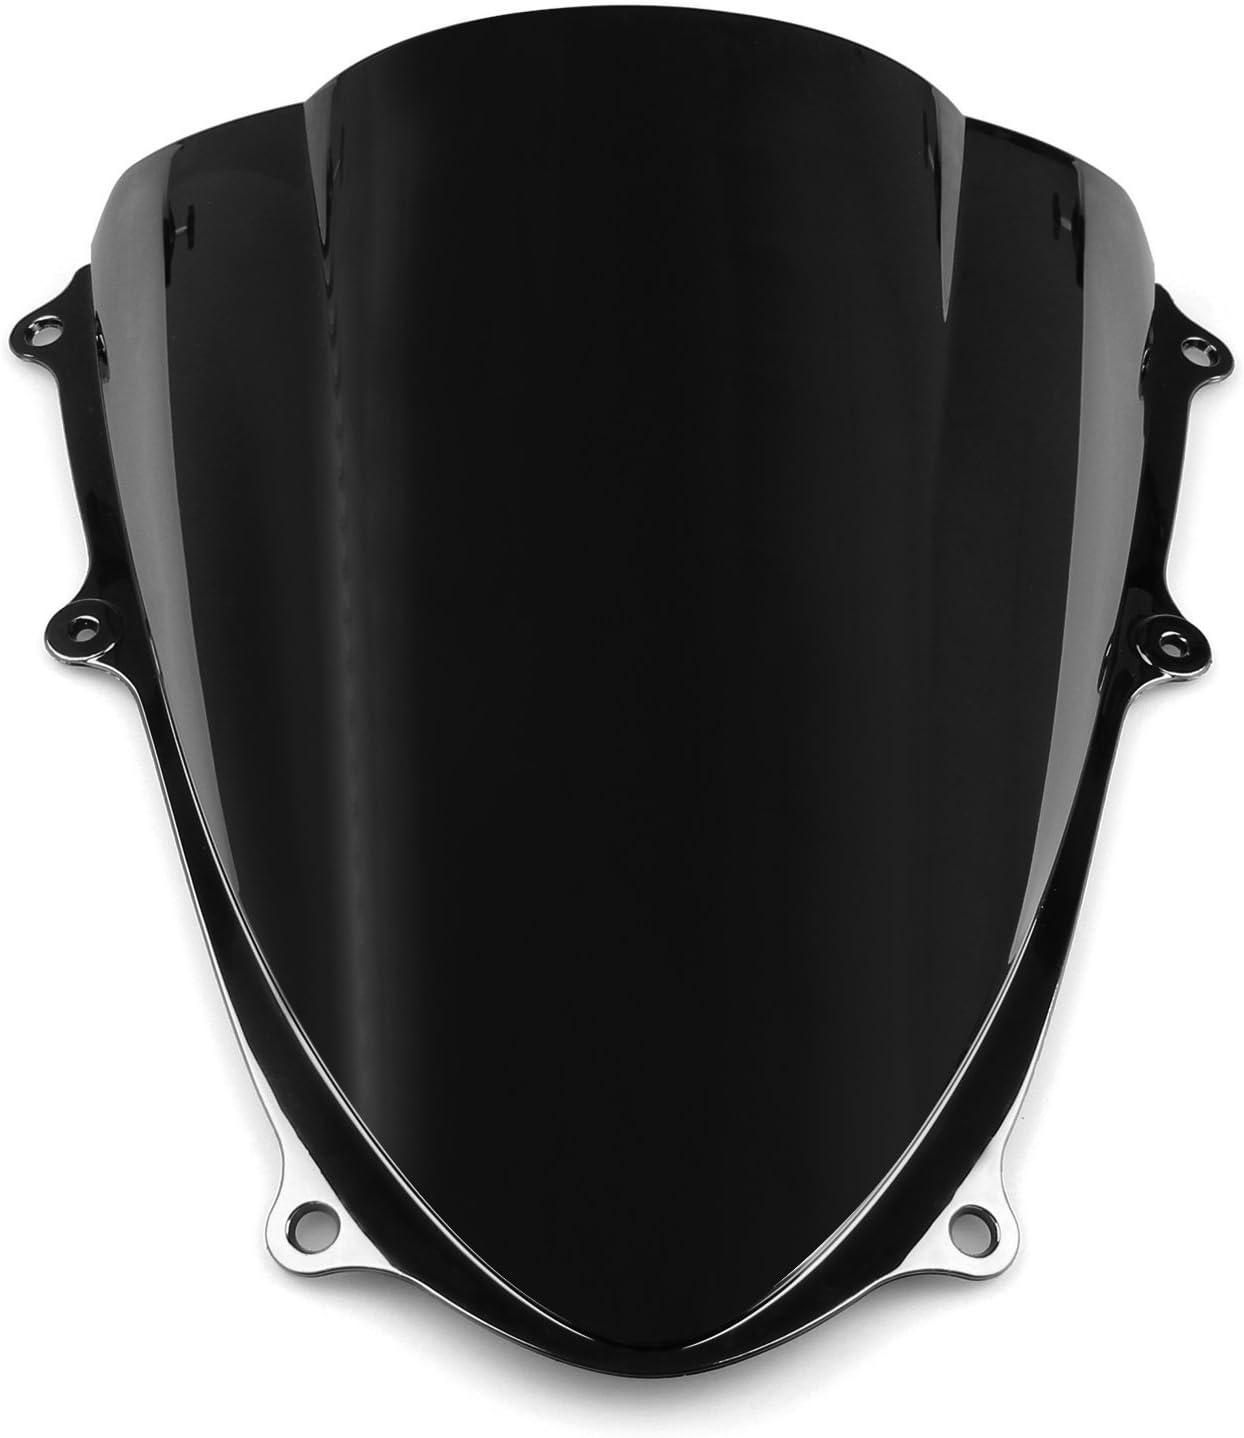 Topteng Motorrad Windschutzscheibe Sport Windschutzscheibe mit ABS Aerodynamik Design f/ür Su-zu-ki GSXR 1000 2009-2016 K9